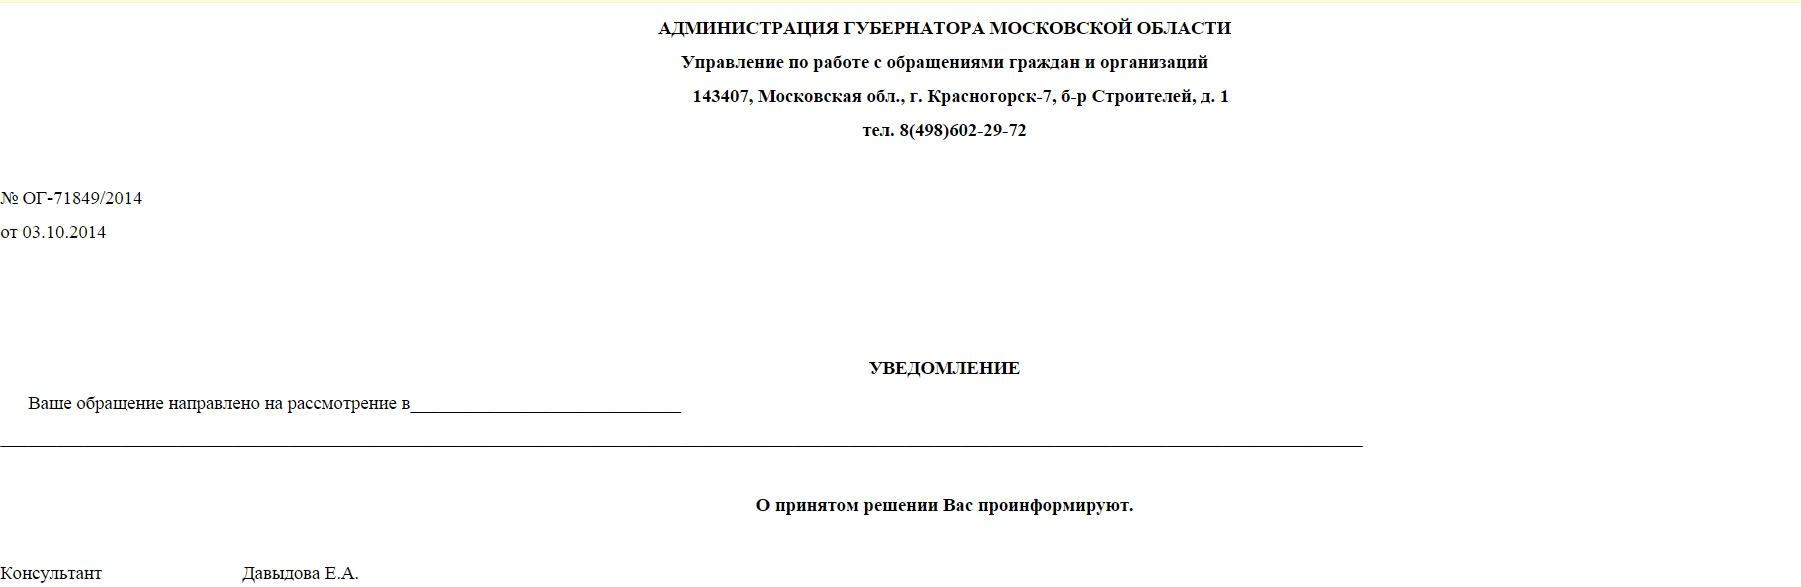 Тихомировой 03-10-2014-2 Губернатор